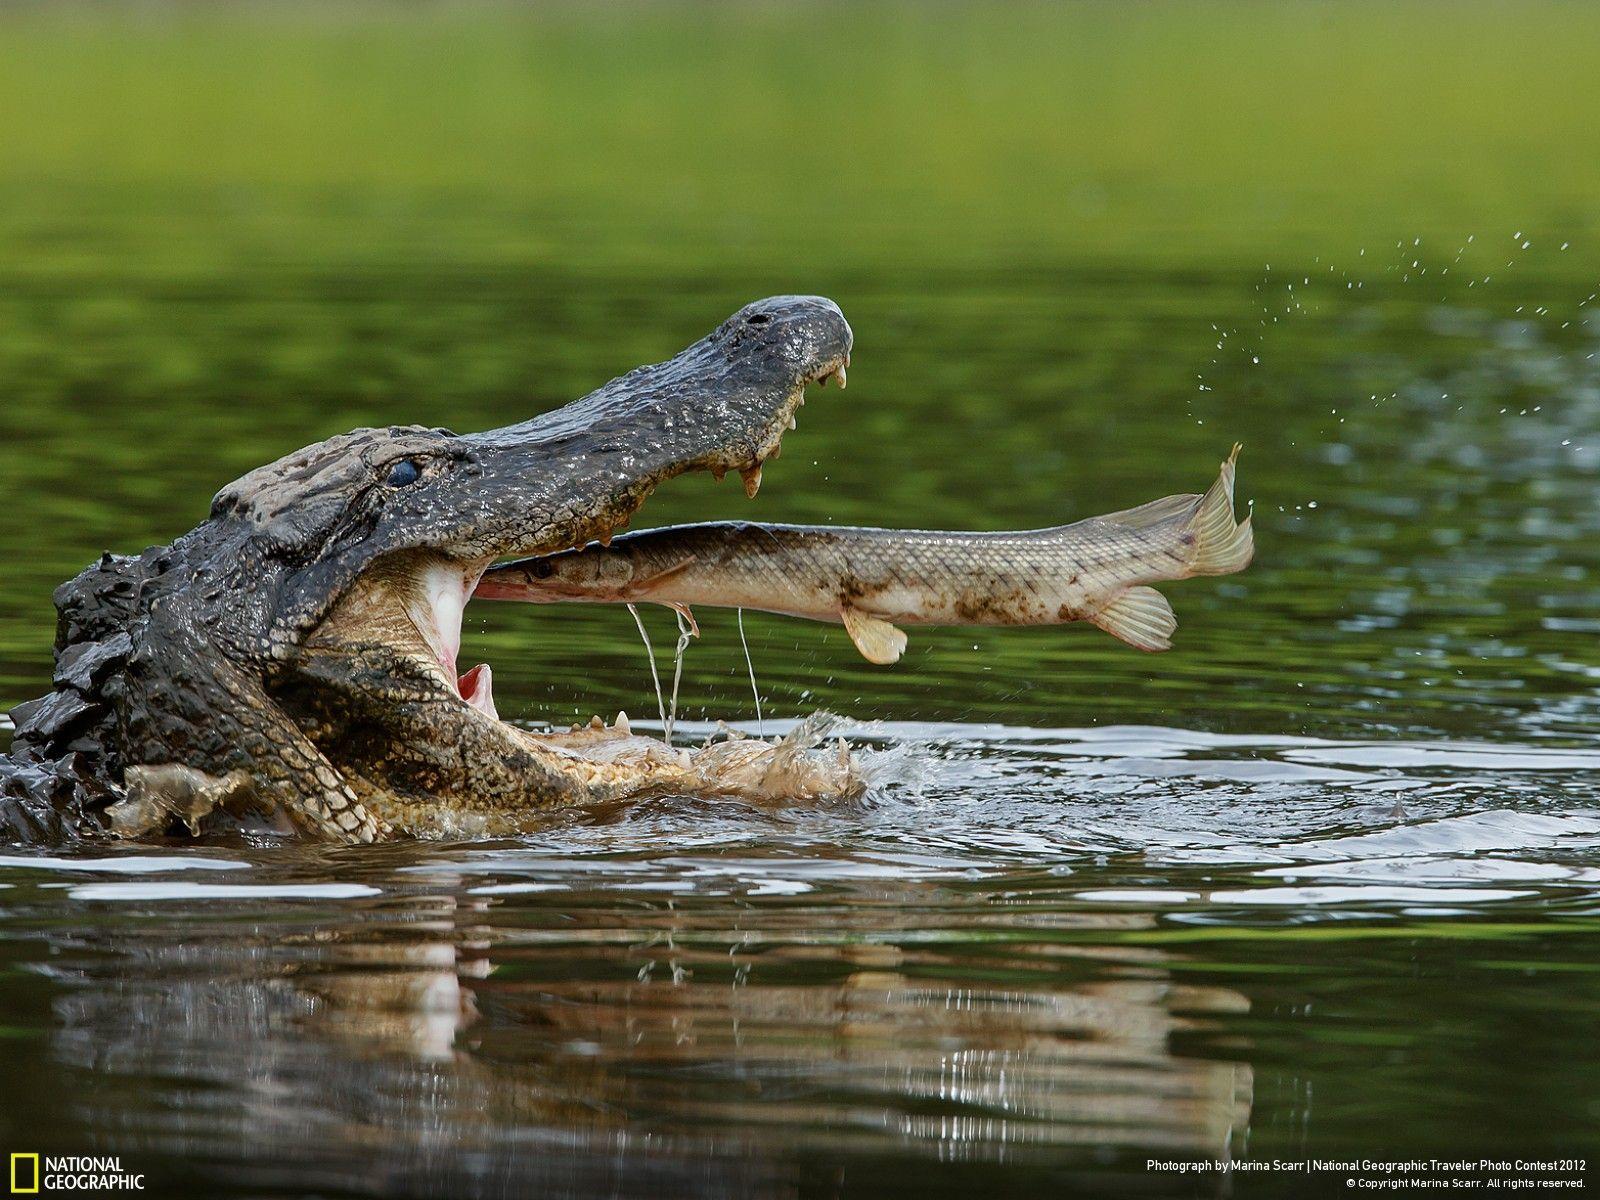 When the last wild crocodiles died in Russia